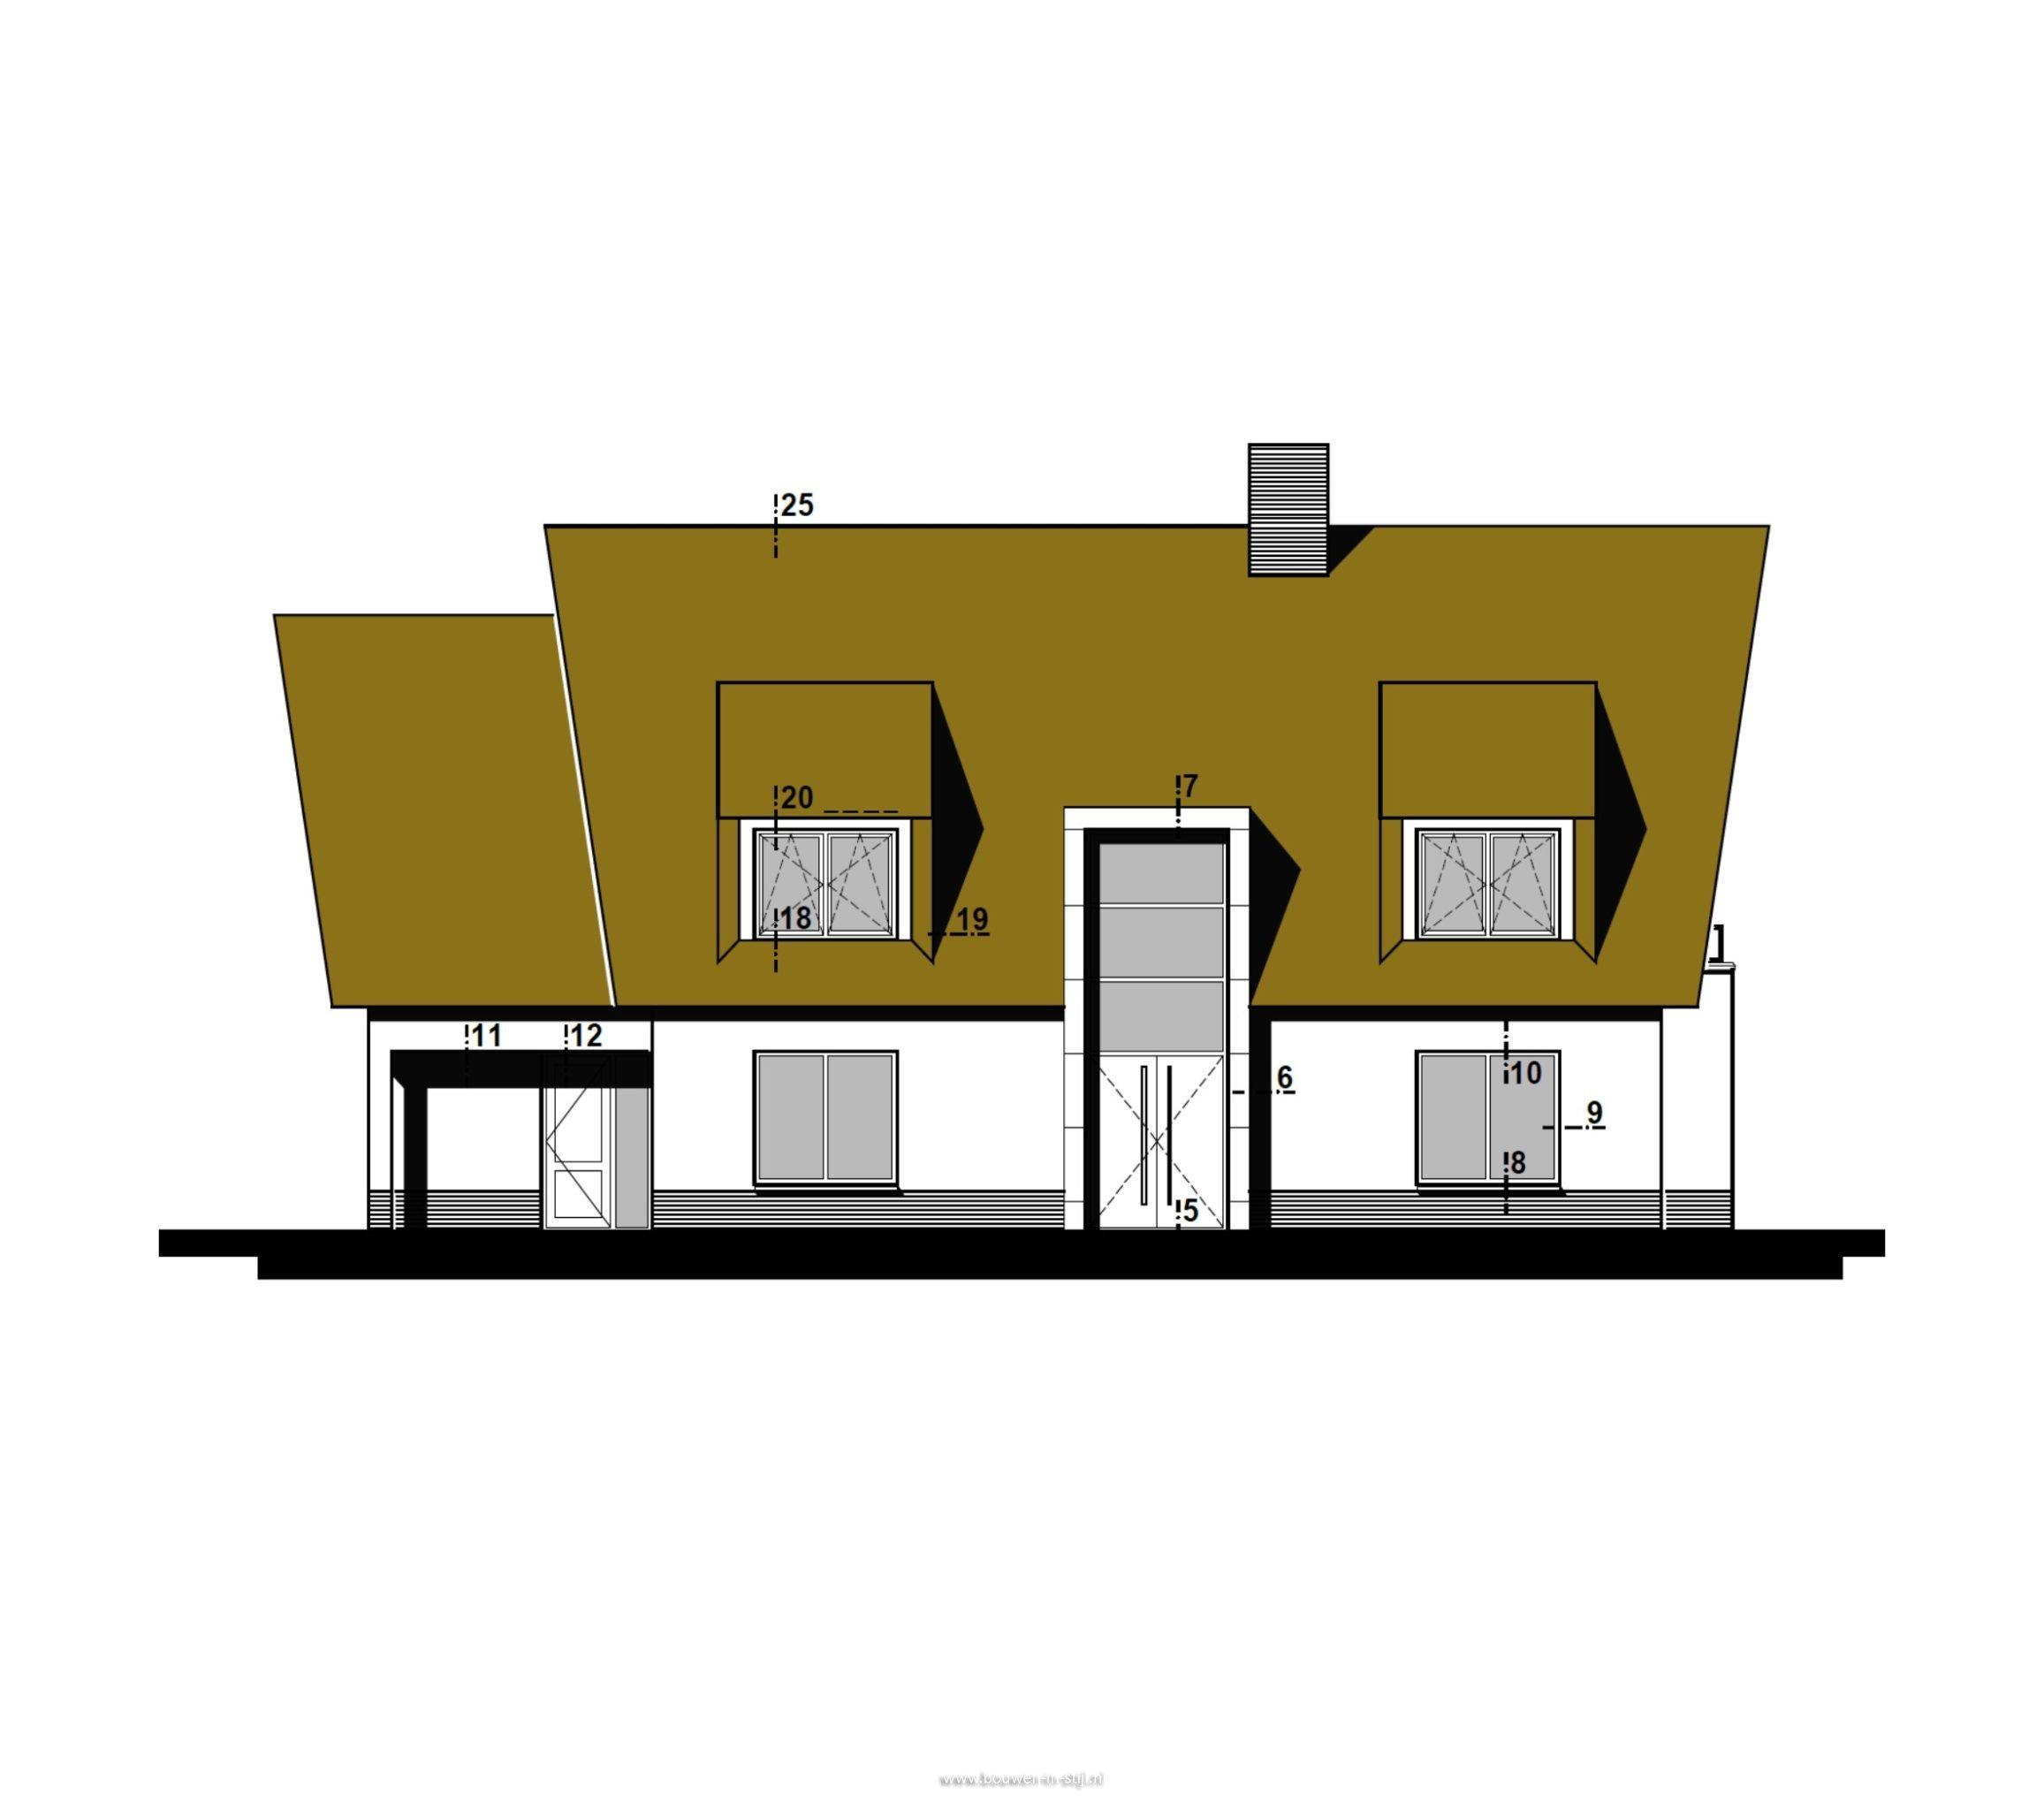 Nieuwbouw vrijstaand woonhuis te veenendaal hab for Bouwkavels gelderland vrijstaand